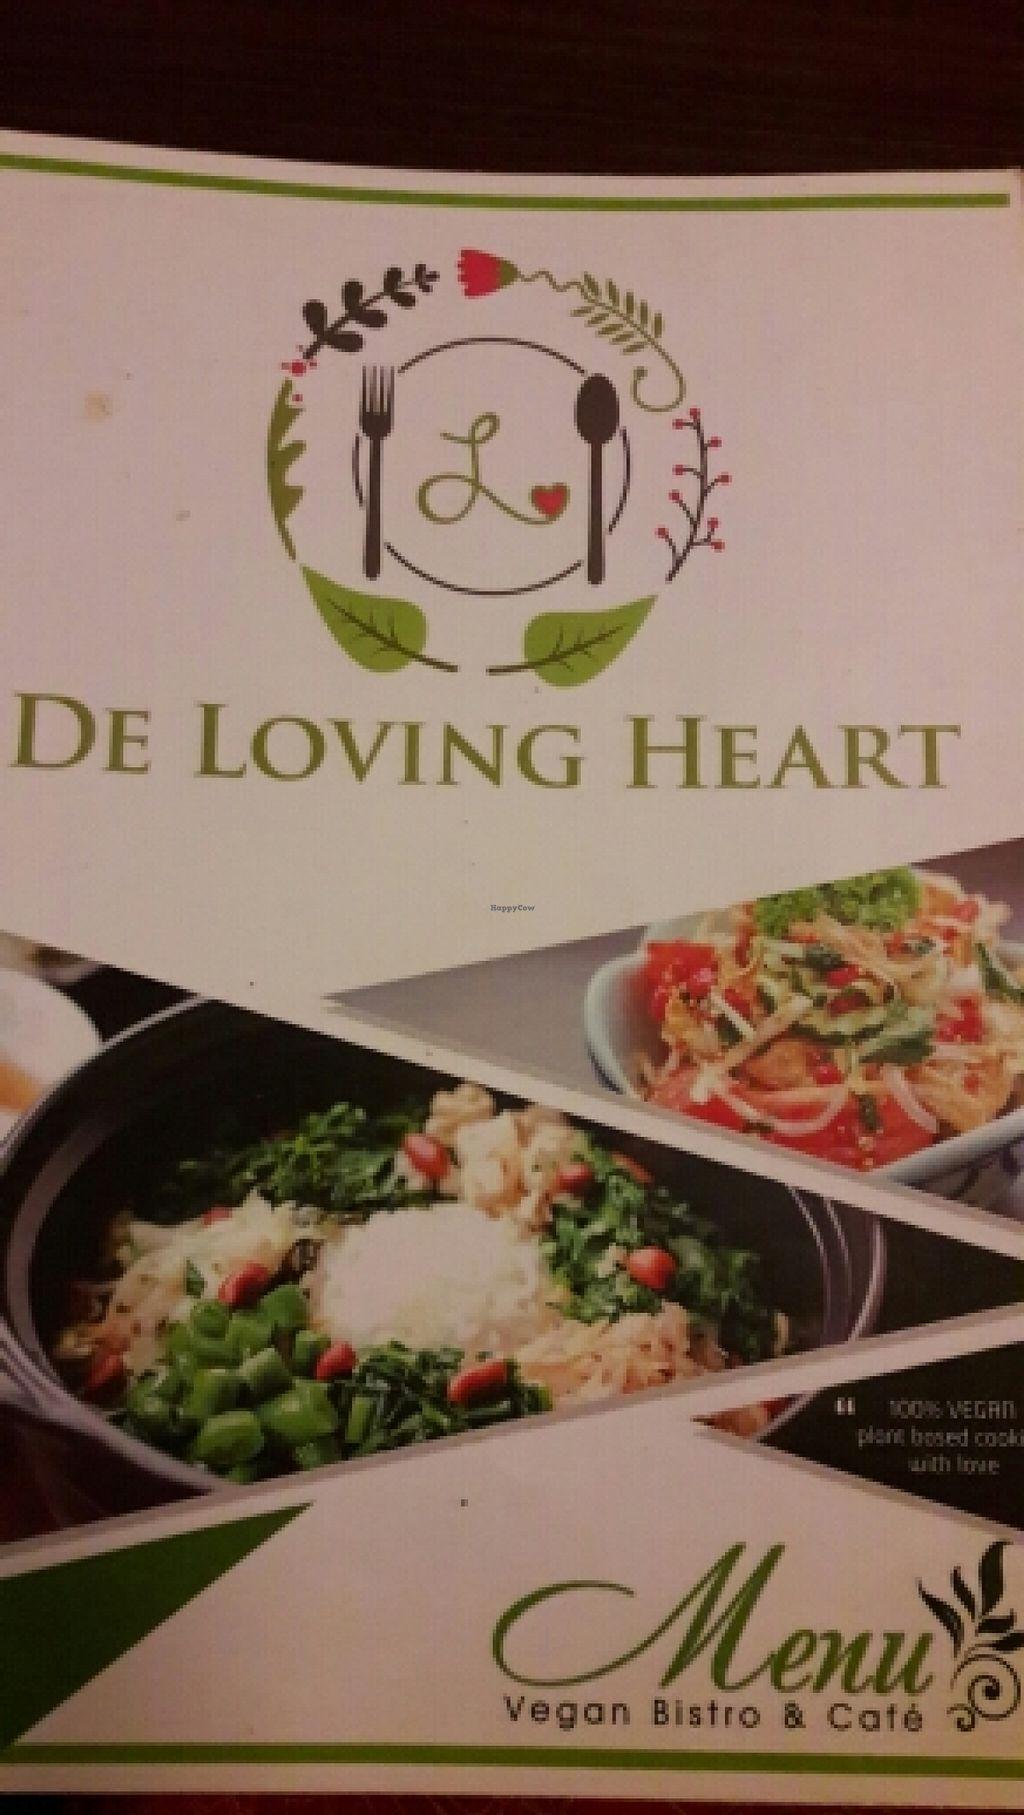 """Photo of De Loving Heart  by <a href=""""/members/profile/Mole%20Mole"""">Mole Mole</a> <br/>menu <br/> April 3, 2016  - <a href='/contact/abuse/image/67835/142635'>Report</a>"""